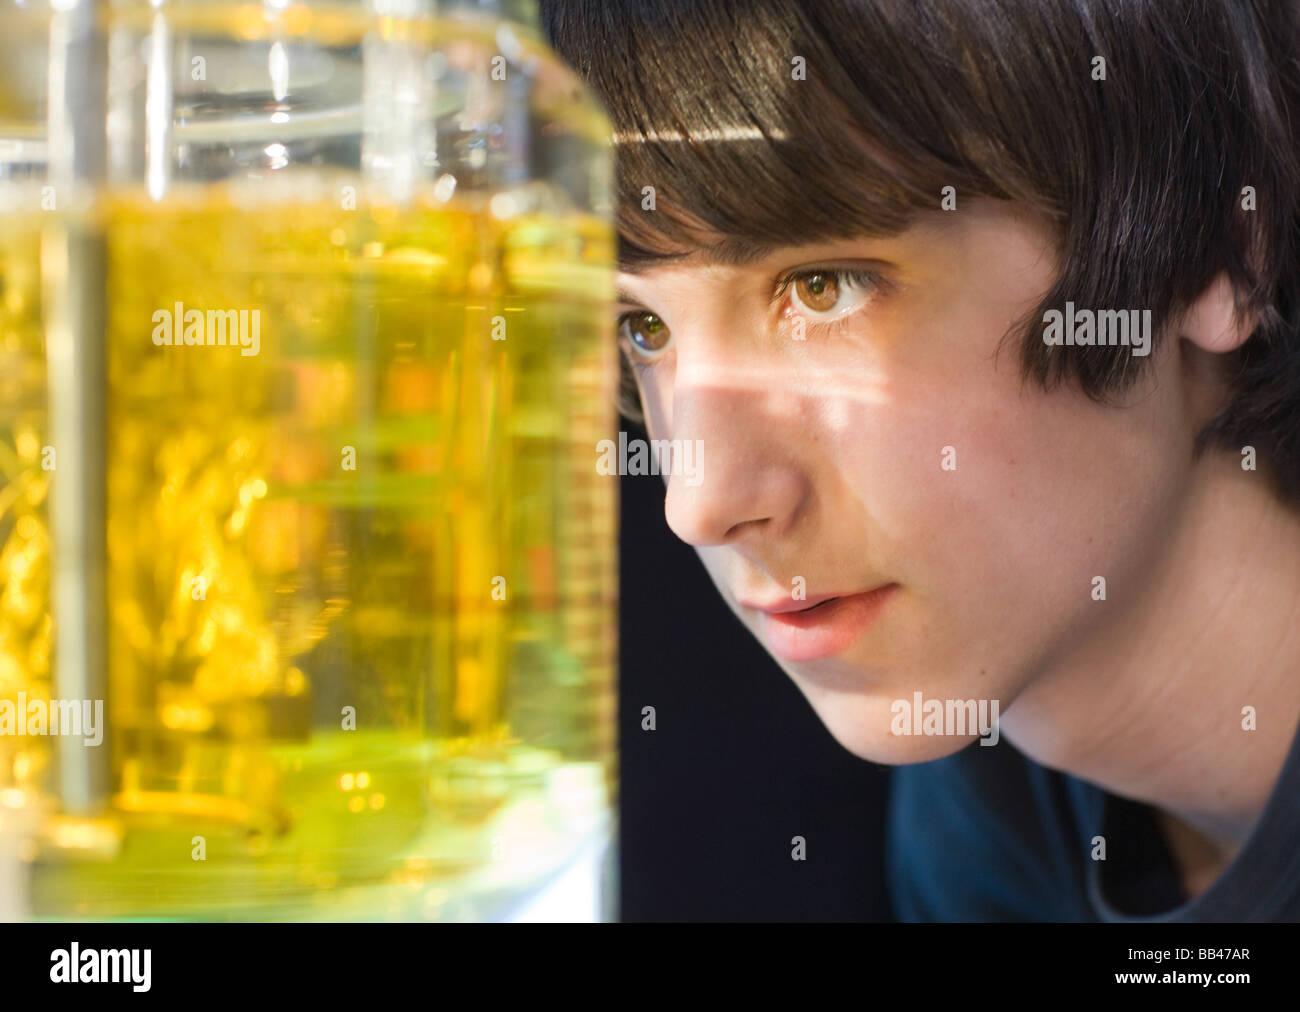 Studente alla classe chimica Immagini Stock